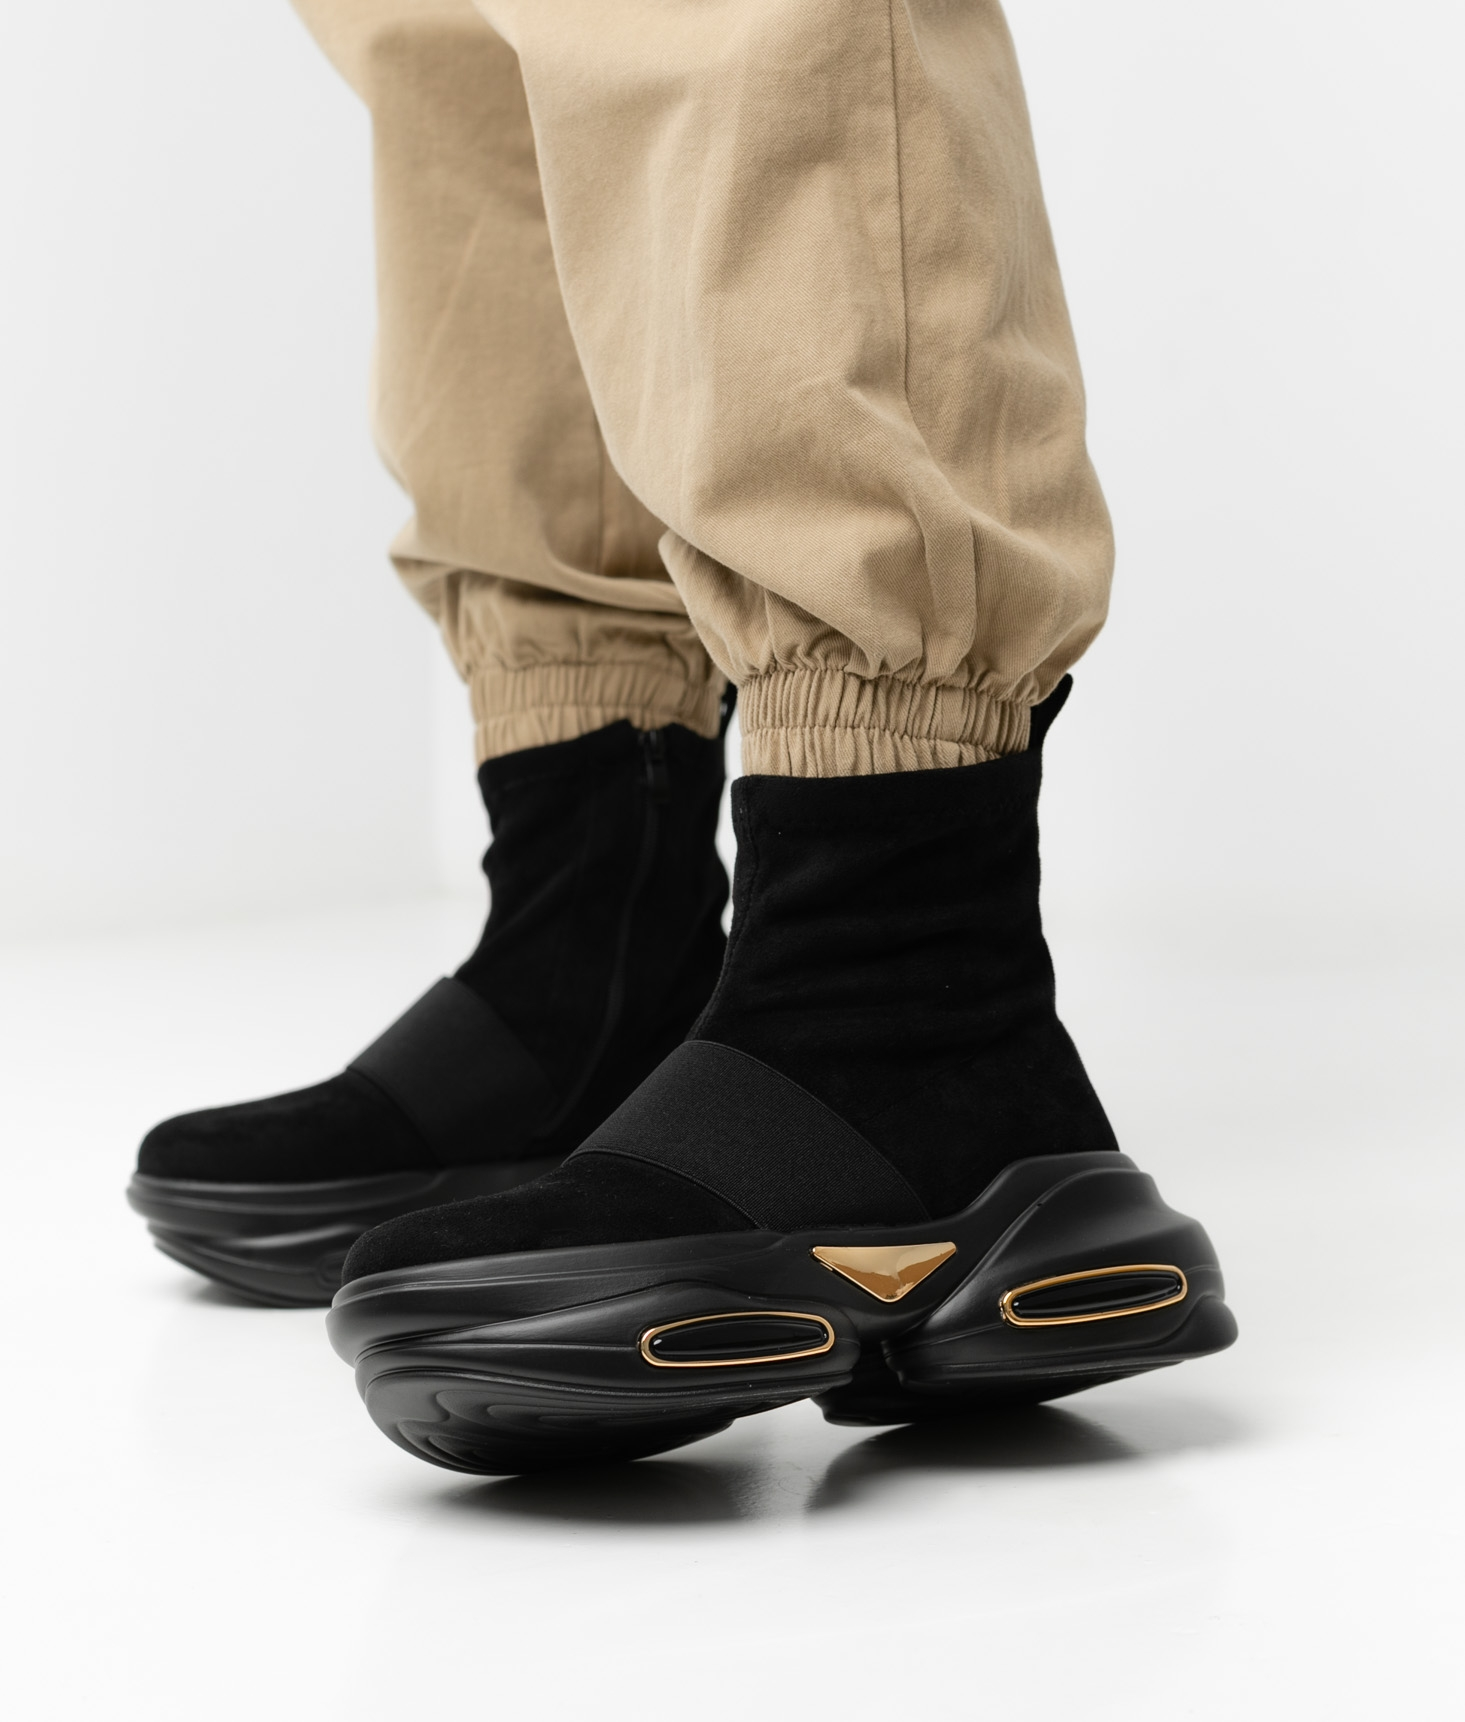 Sneakers Penda - Black